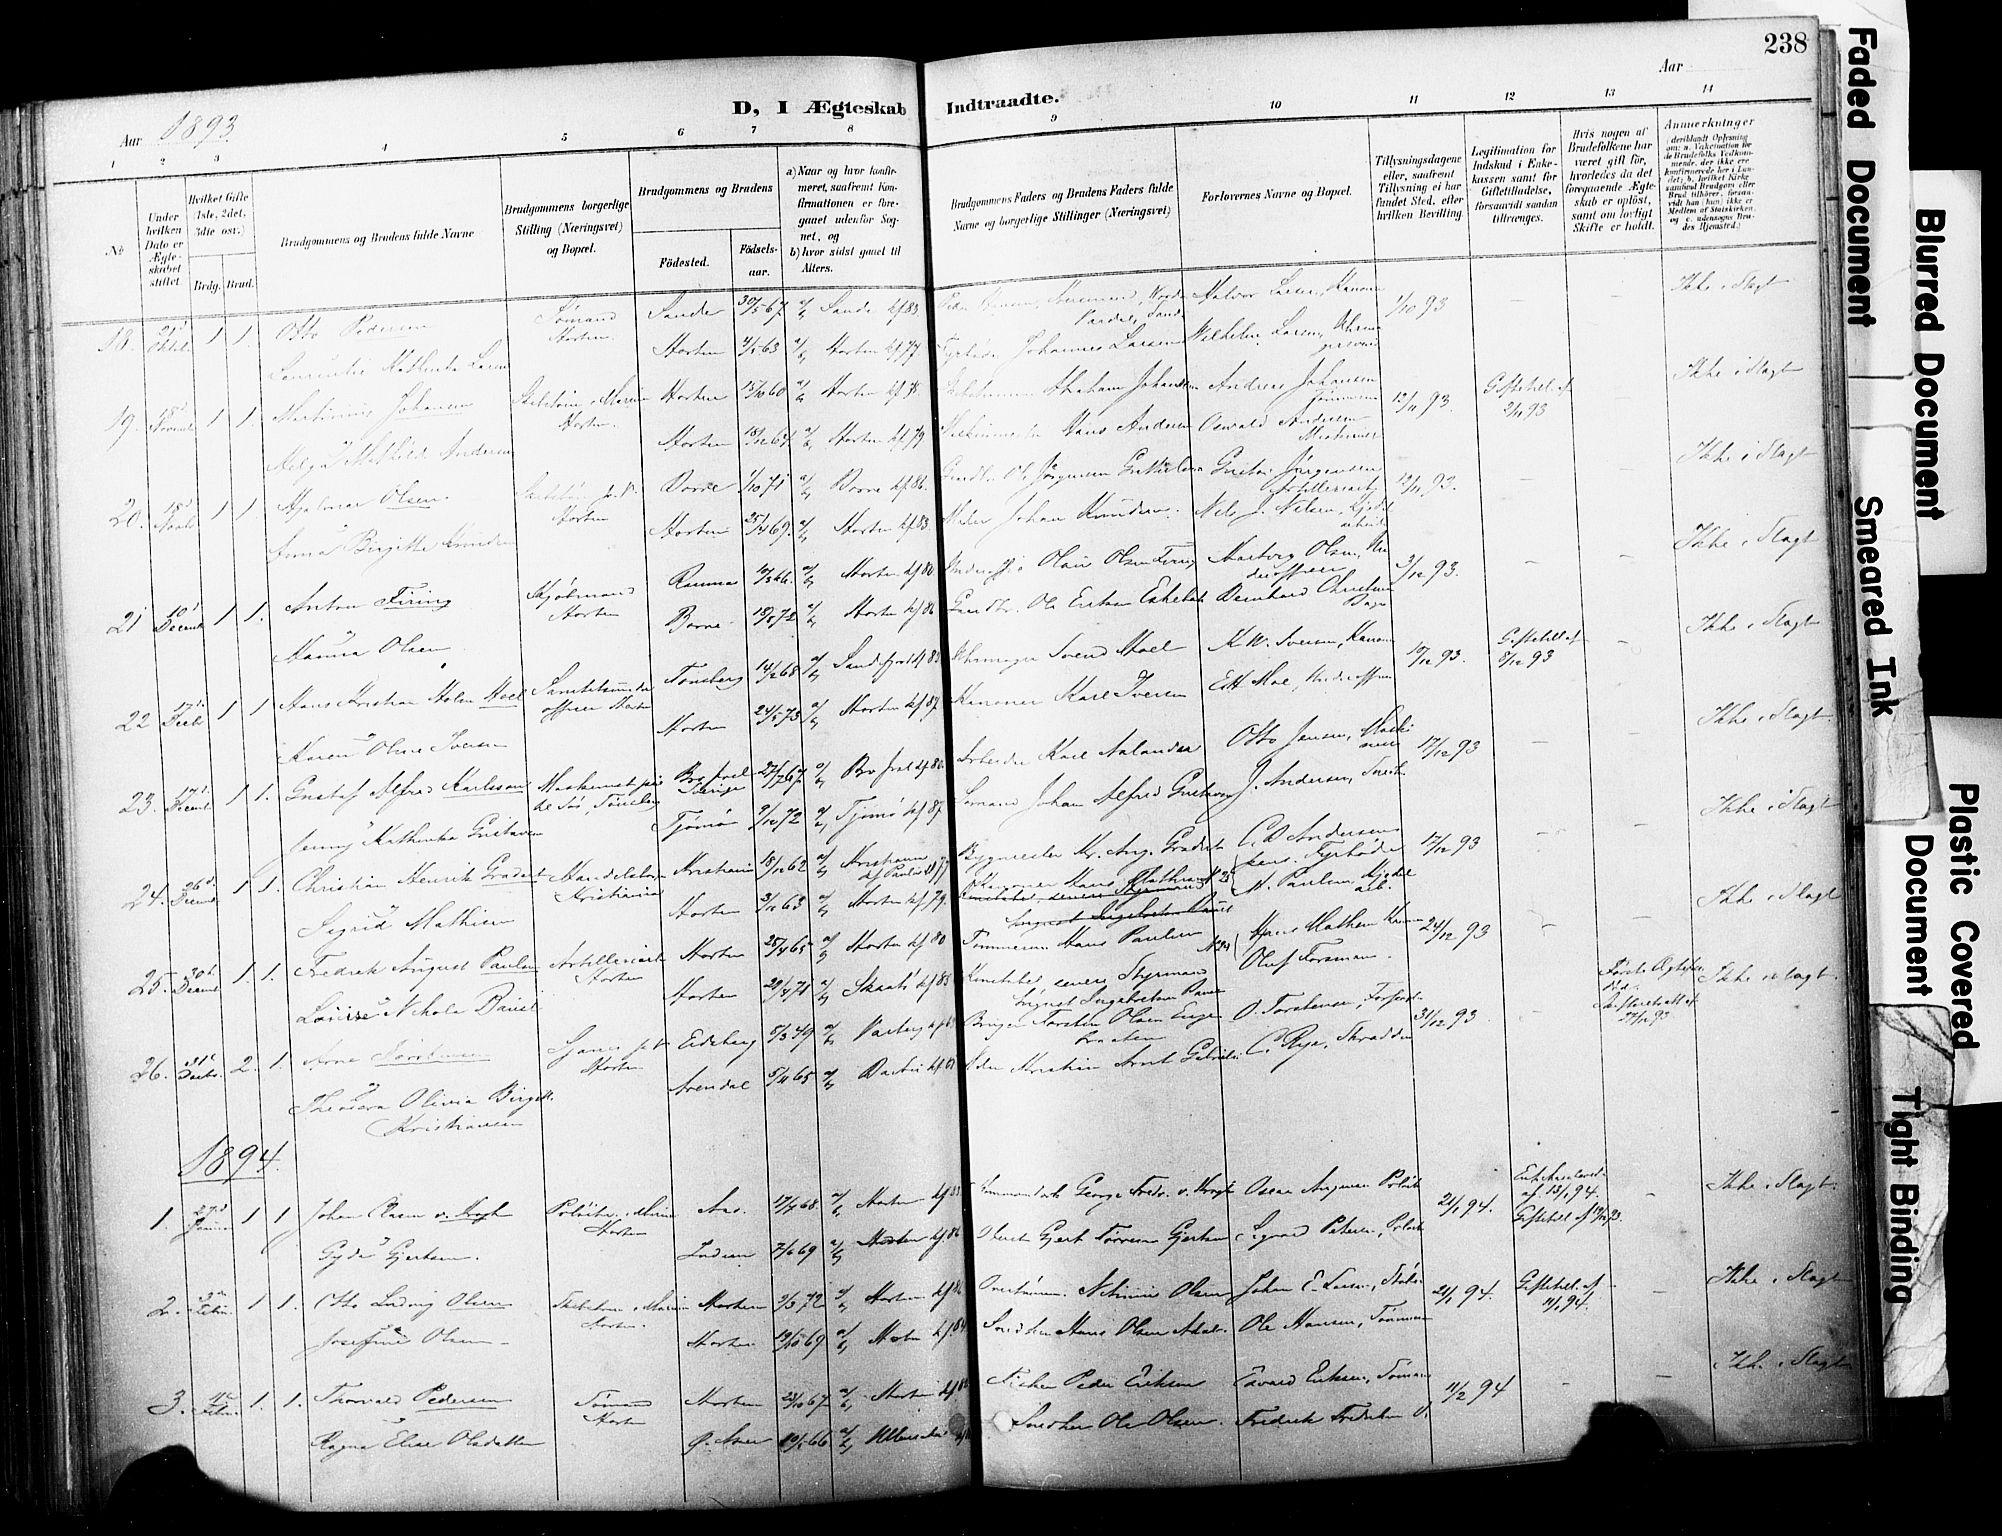 SAKO, Horten kirkebøker, F/Fa/L0004: Ministerialbok nr. 4, 1888-1895, s. 238